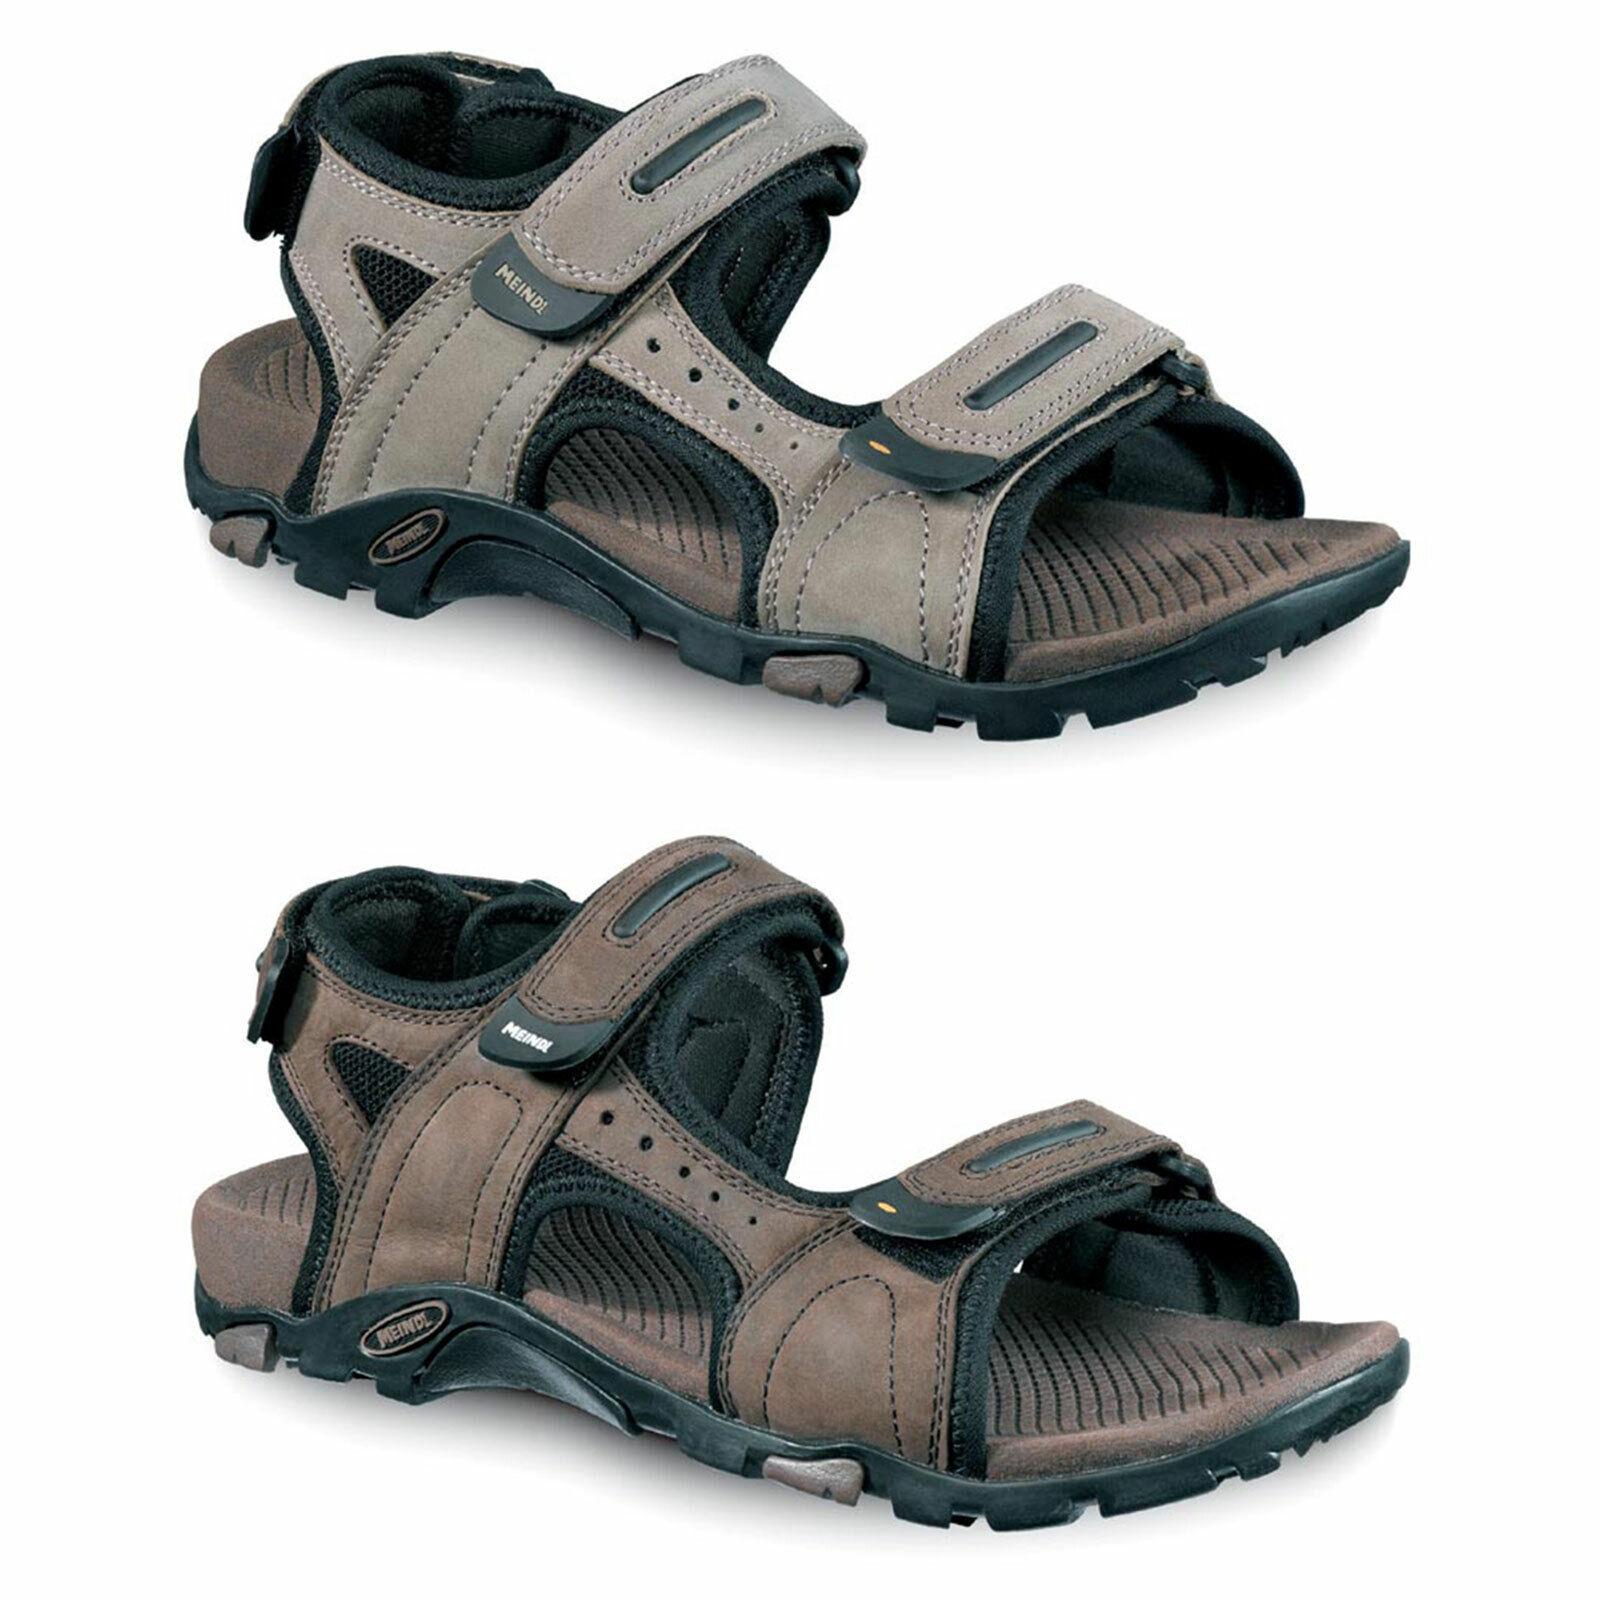 Meindl Capri Sandal-Men s trekkingsandale Outdoor-sandale